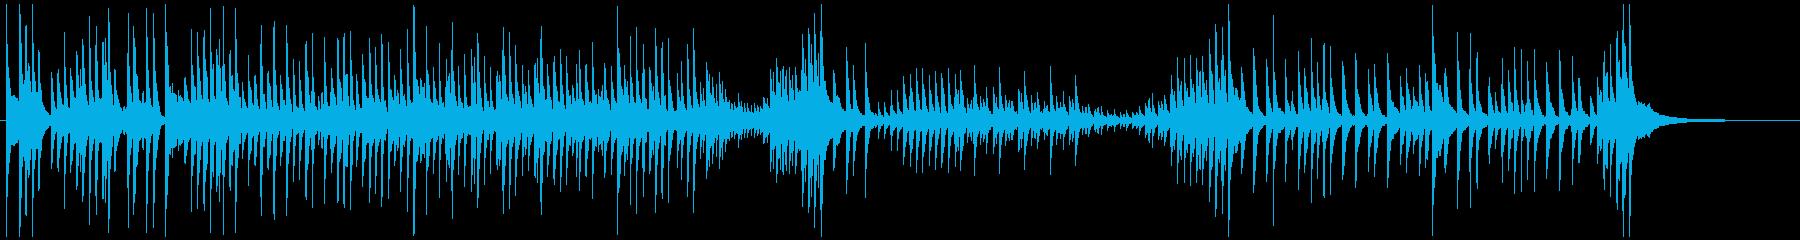 津軽三味線ソロ-G、激しい、疾走、声なしの再生済みの波形